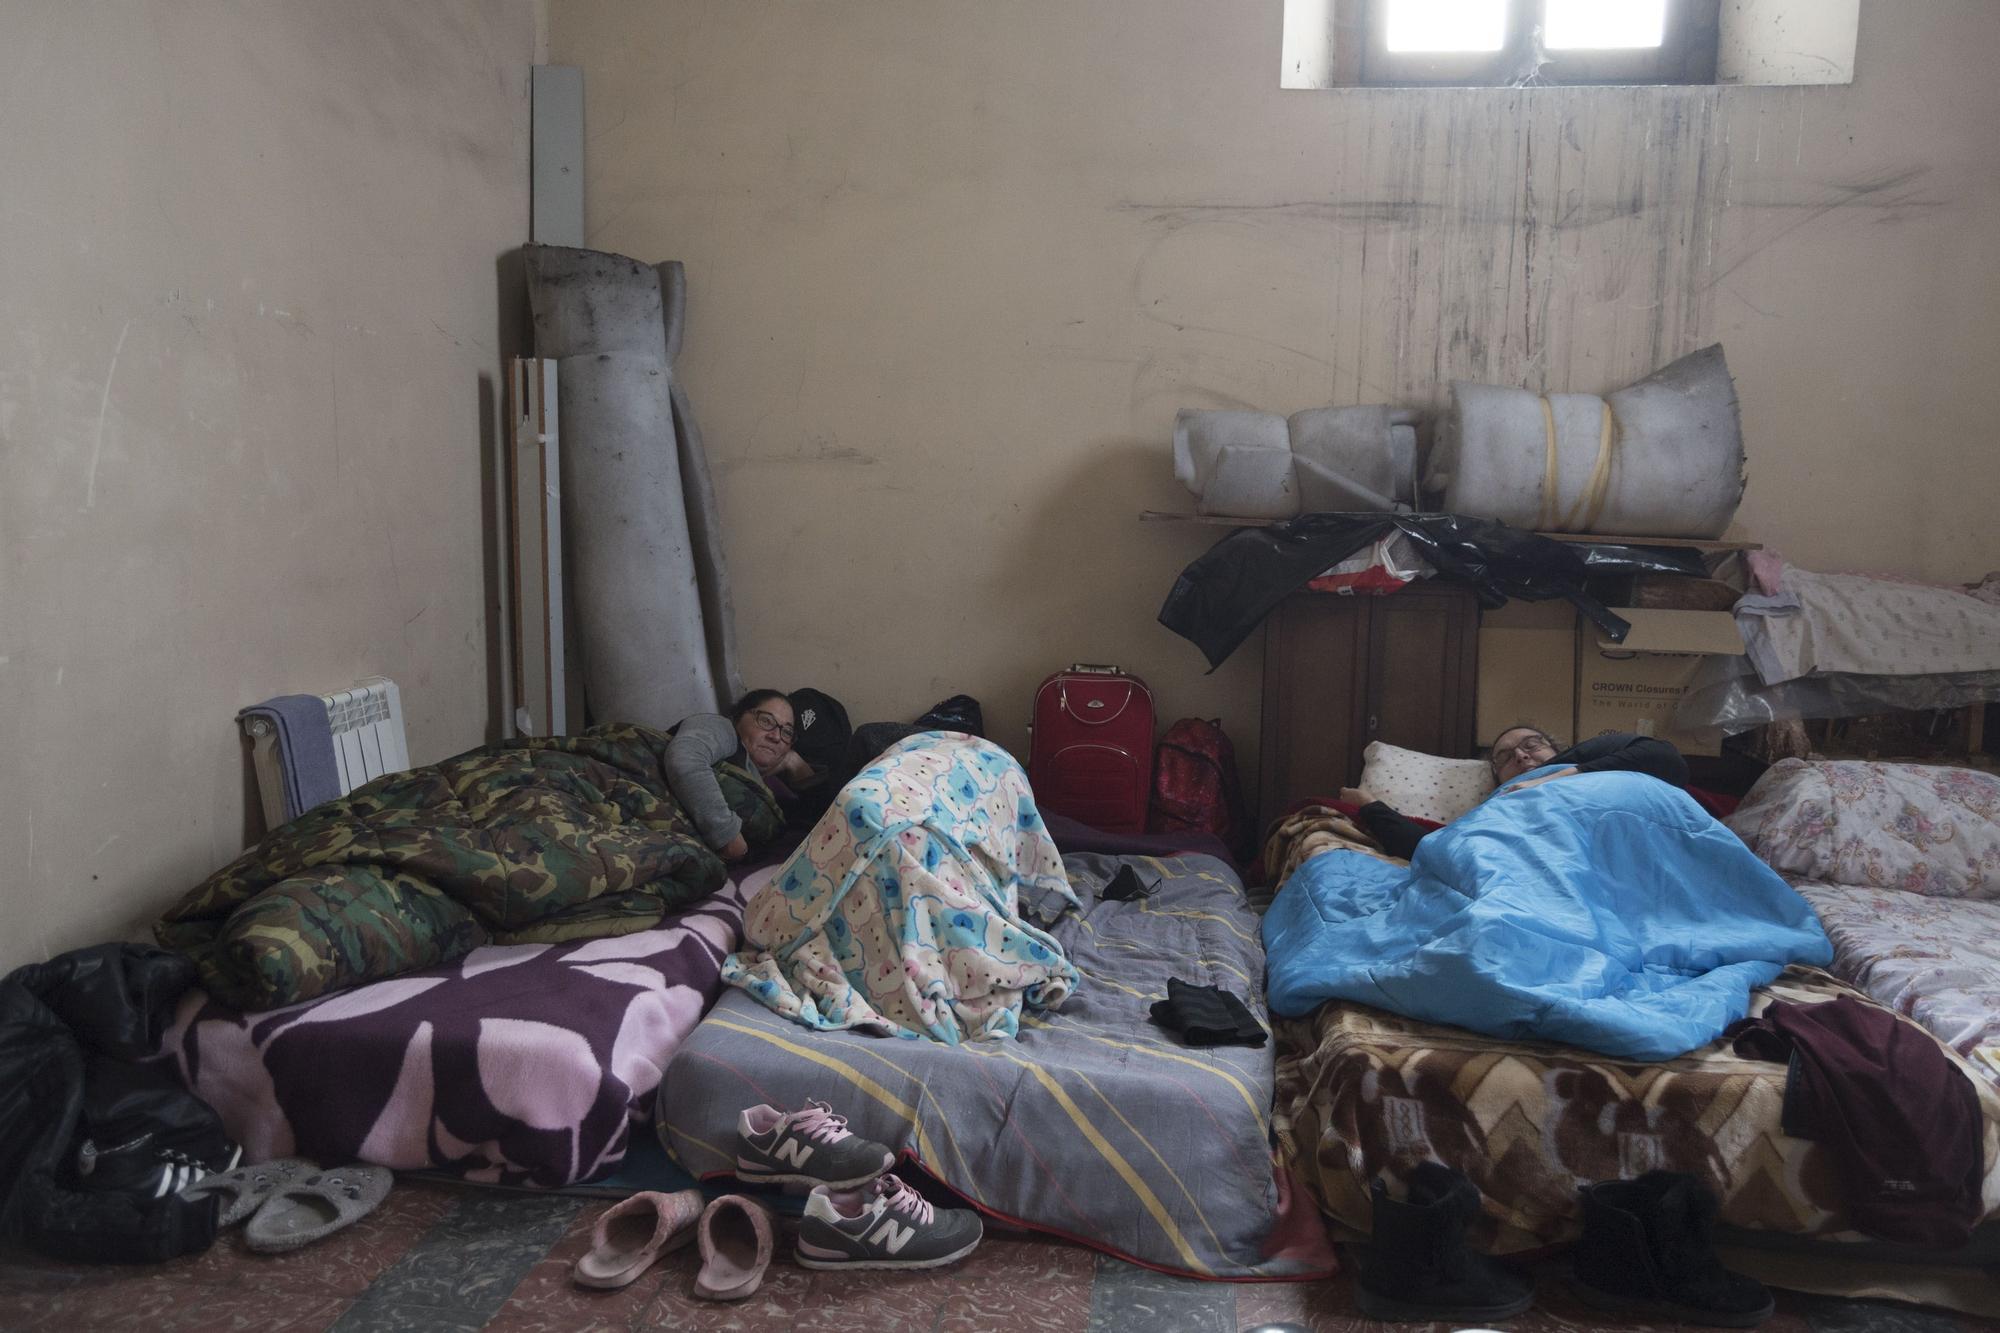 Hosteleros encerrados en Mieres